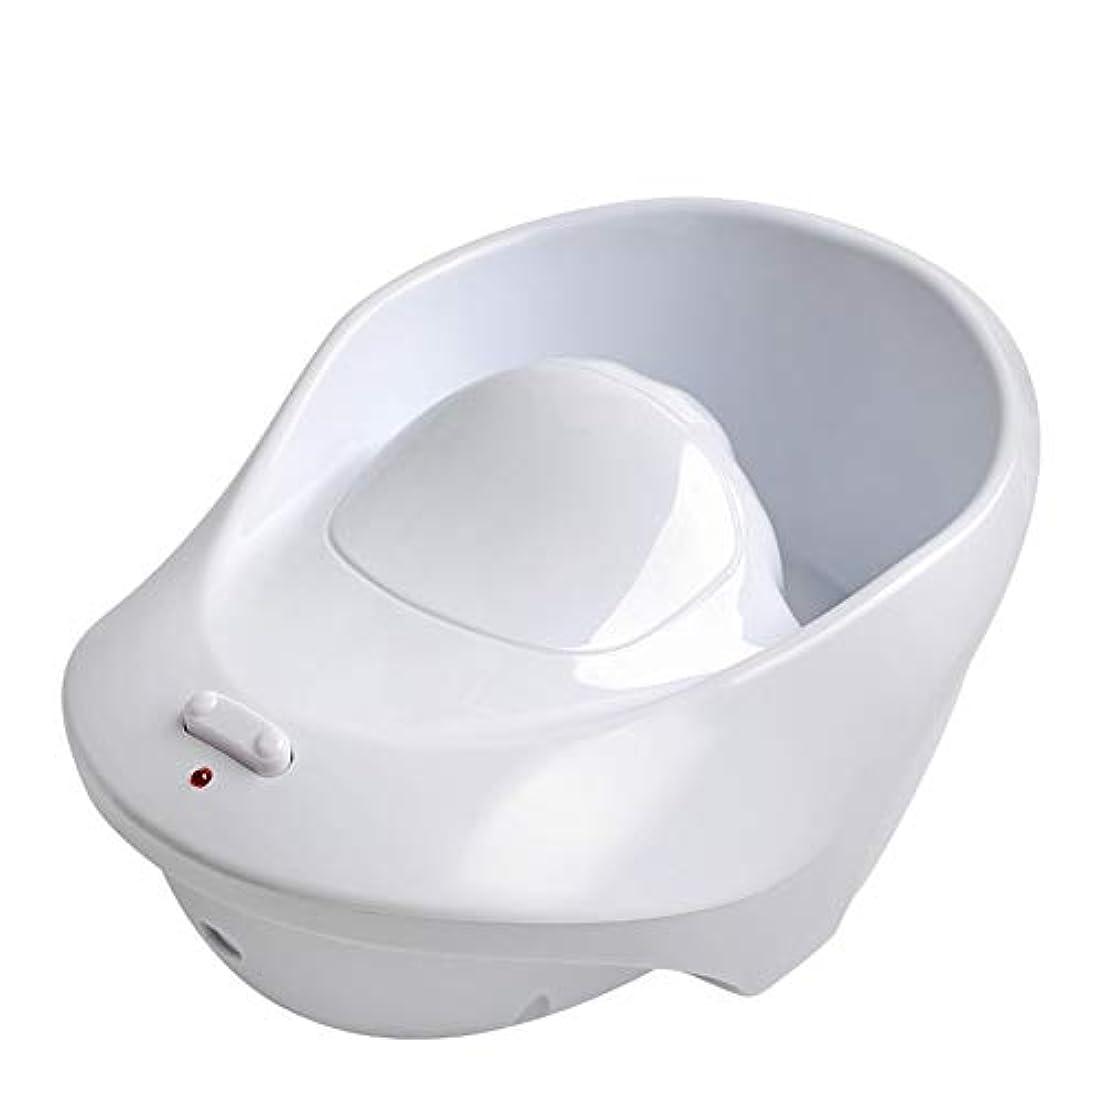 間欠ベスト青ACHICOO ハンドケア機械泡ボールの釘のクリーニング用具の空気泡洗剤 白 米国の規制